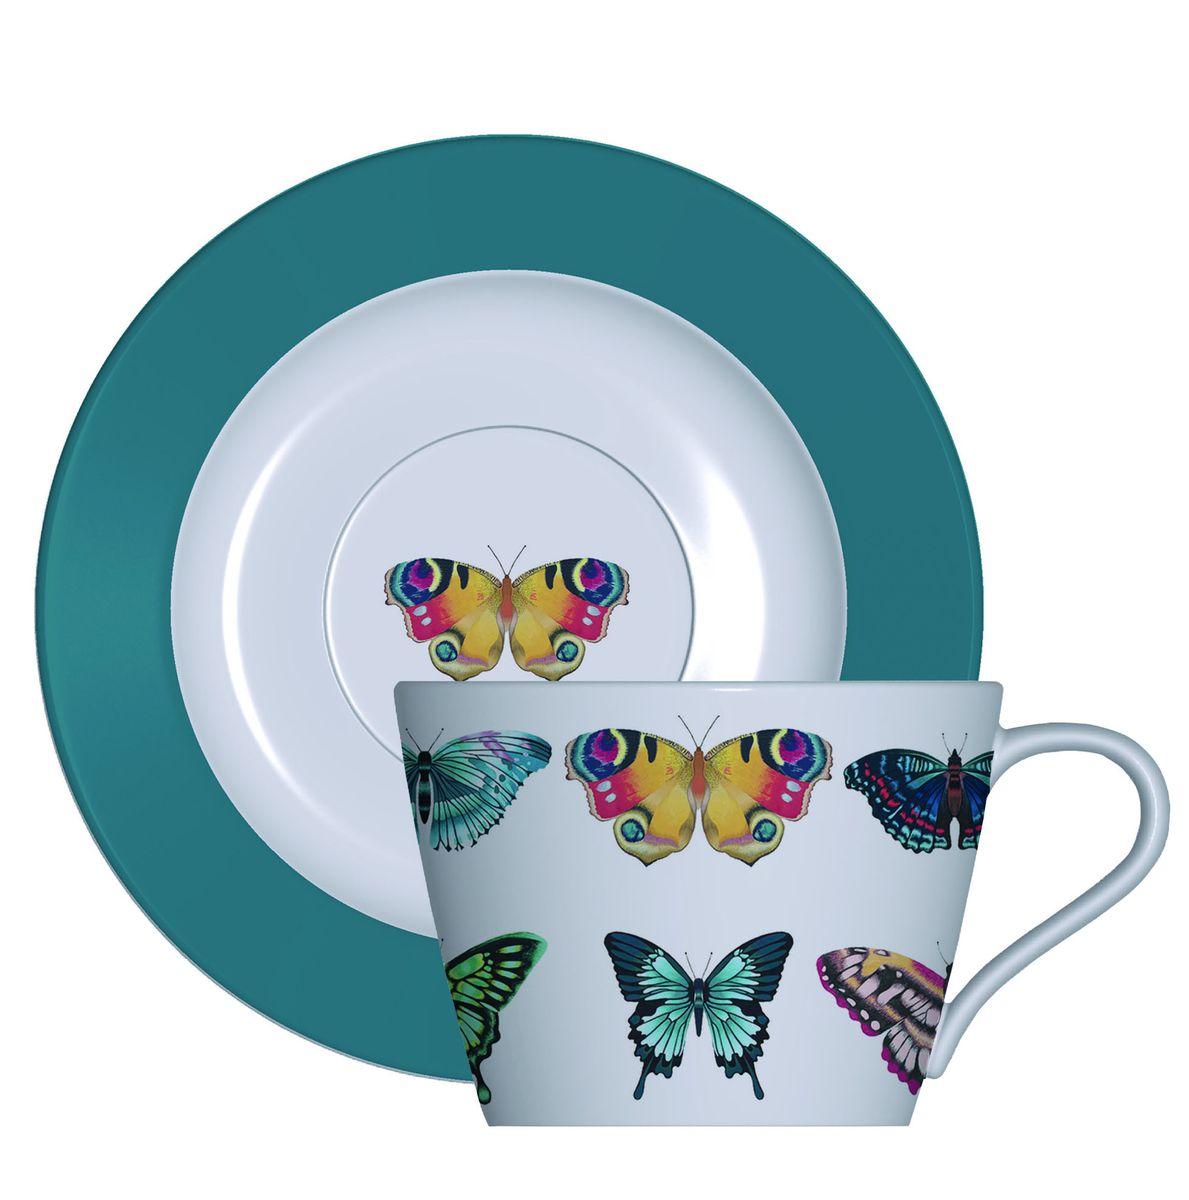 Набор кофейный Churchill, 4 предмета. HARL00351HARL00351Коллекция Арлекин красиво упакована в подарочные коробки. При изготовлении данной коллекции используют лучший костяной фарфор. Материал: Костяной фарфор, фарфор Можно мыть в посудомоечной машине Можно использовать в микроволновой печи Внимание: посуда с позолоченным орнаментом запрещена для использования в микроволновой печи, т.к. металлическая позолота может привести к искрообразованию в камере микроволновой печи.